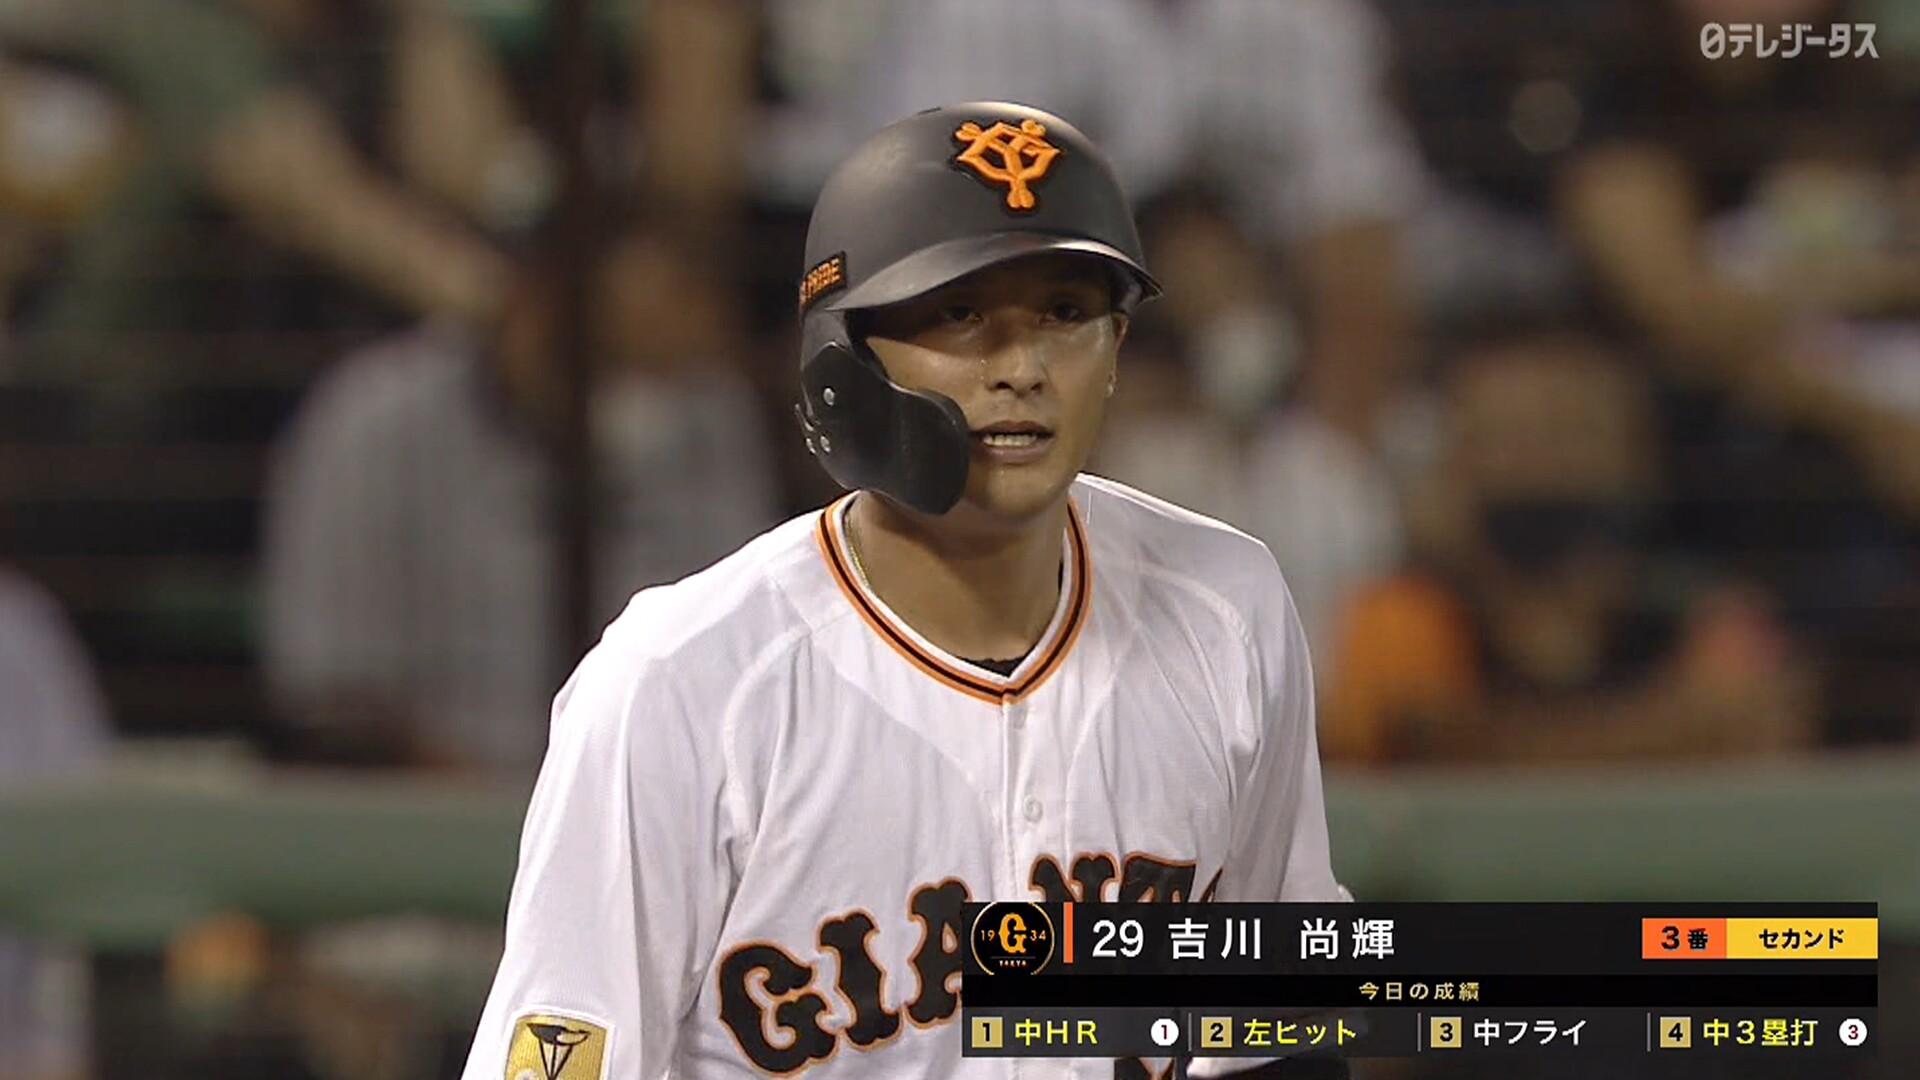 吉川尚輝、凱旋試合で走者一掃スリーベース! サイクルヒットにリーチ